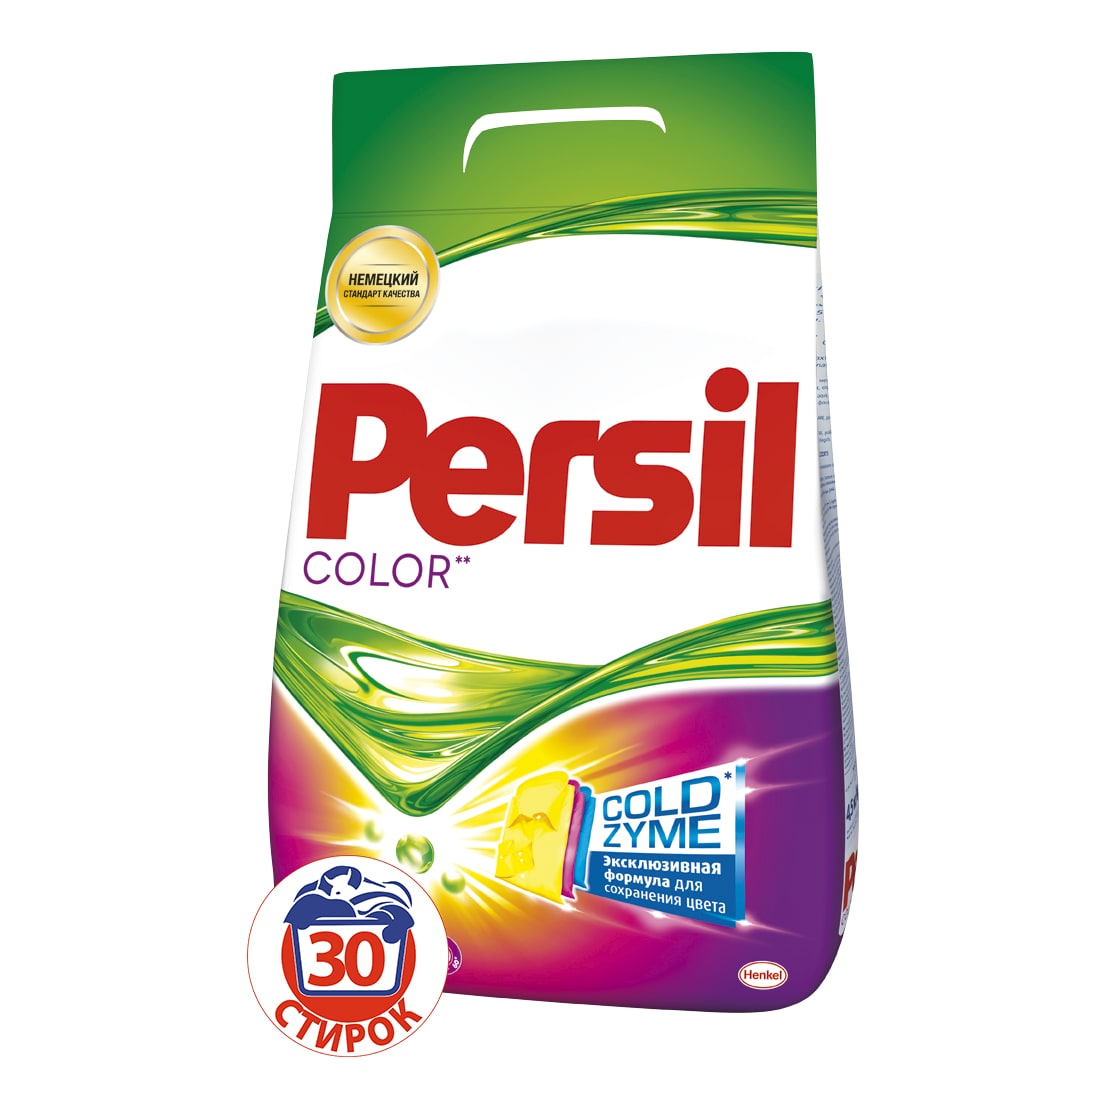 Стиральный порошок Persil Колор 4,5 кгCLP446Persil Color - стиральный порошок с сильной формулой, которая содержит активные капсулы пятновыводителя. Капсулы пятновыводителя быстро растворяются в воде и начинают действовать на пятно уже в самом начале стирки. Благодаря специальной формуле Persil Color отлично удаляет даже сложные пятна, а специальные цветозащитные компоненты сохраняют яркие цвета ткани. Persil Color для безупречной чистоты Вашего белья.Состав: 5-15% анионные ПАВ; Товар сертифицирован.